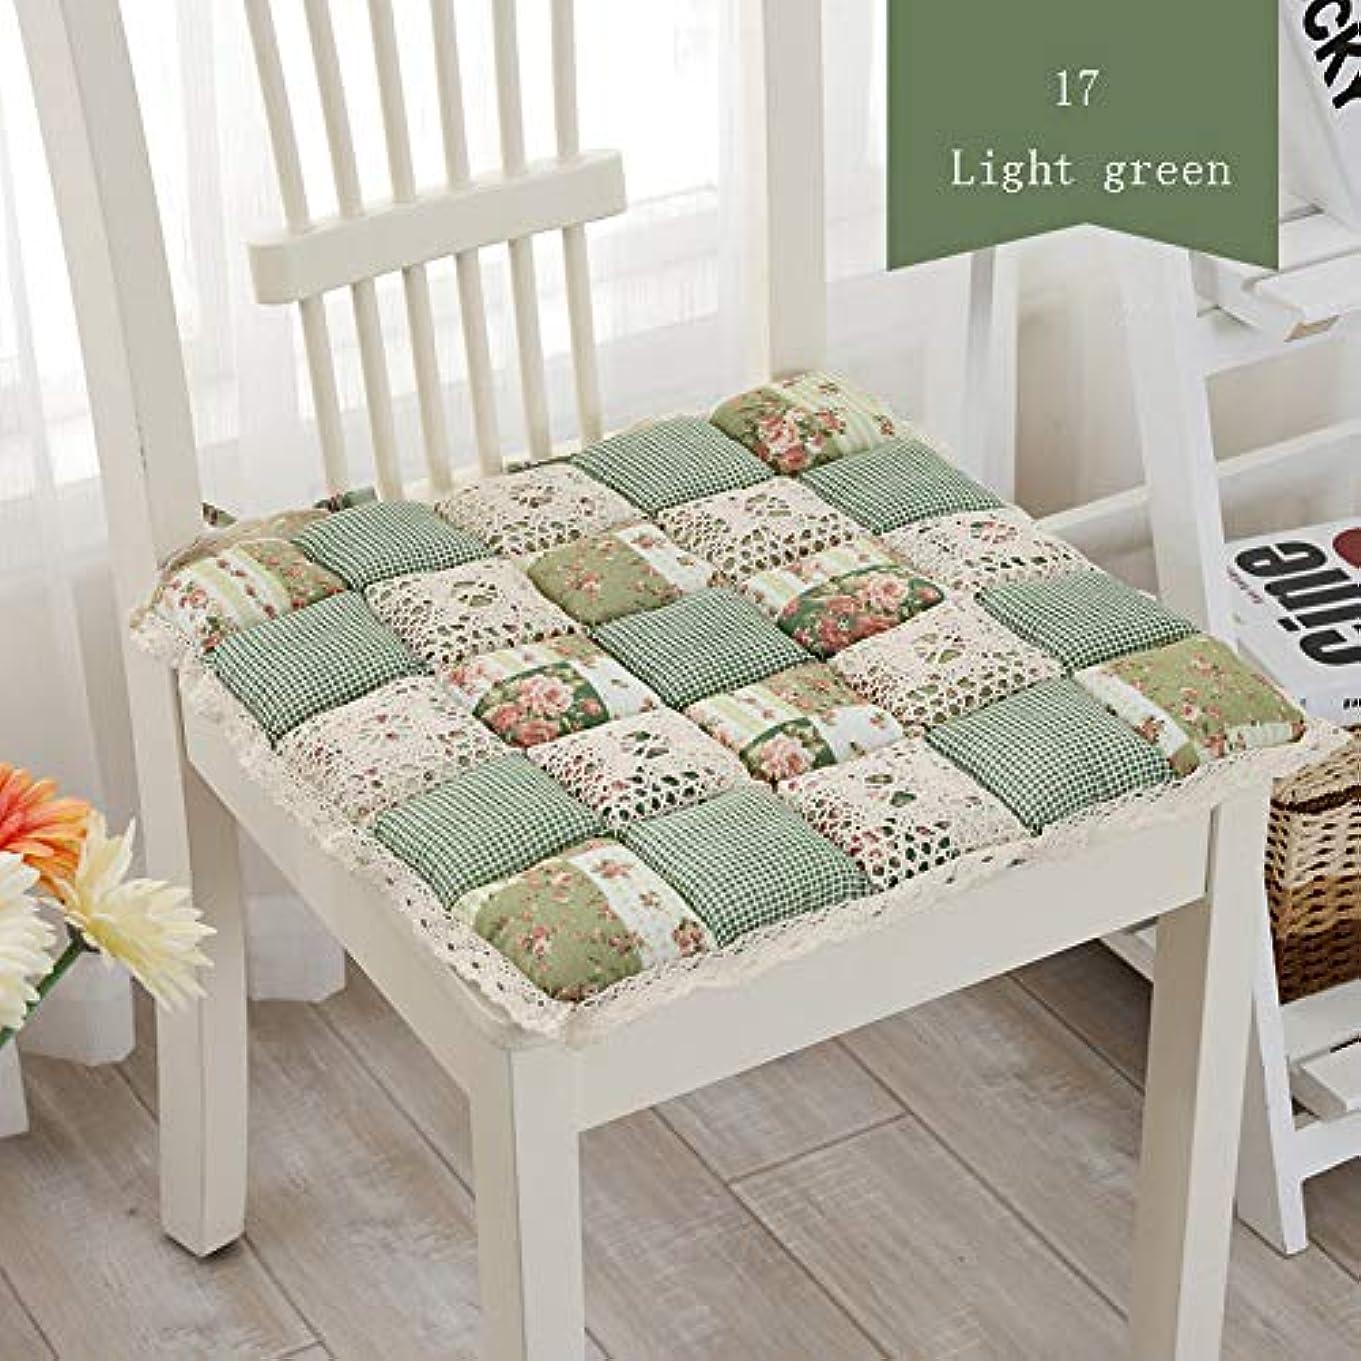 万歳新着ベッドLIFE 1 個抗褥瘡綿椅子クッション 24 色ファッションオフィス正方形クッション学生チェアクッション家の装飾厚み クッション 椅子